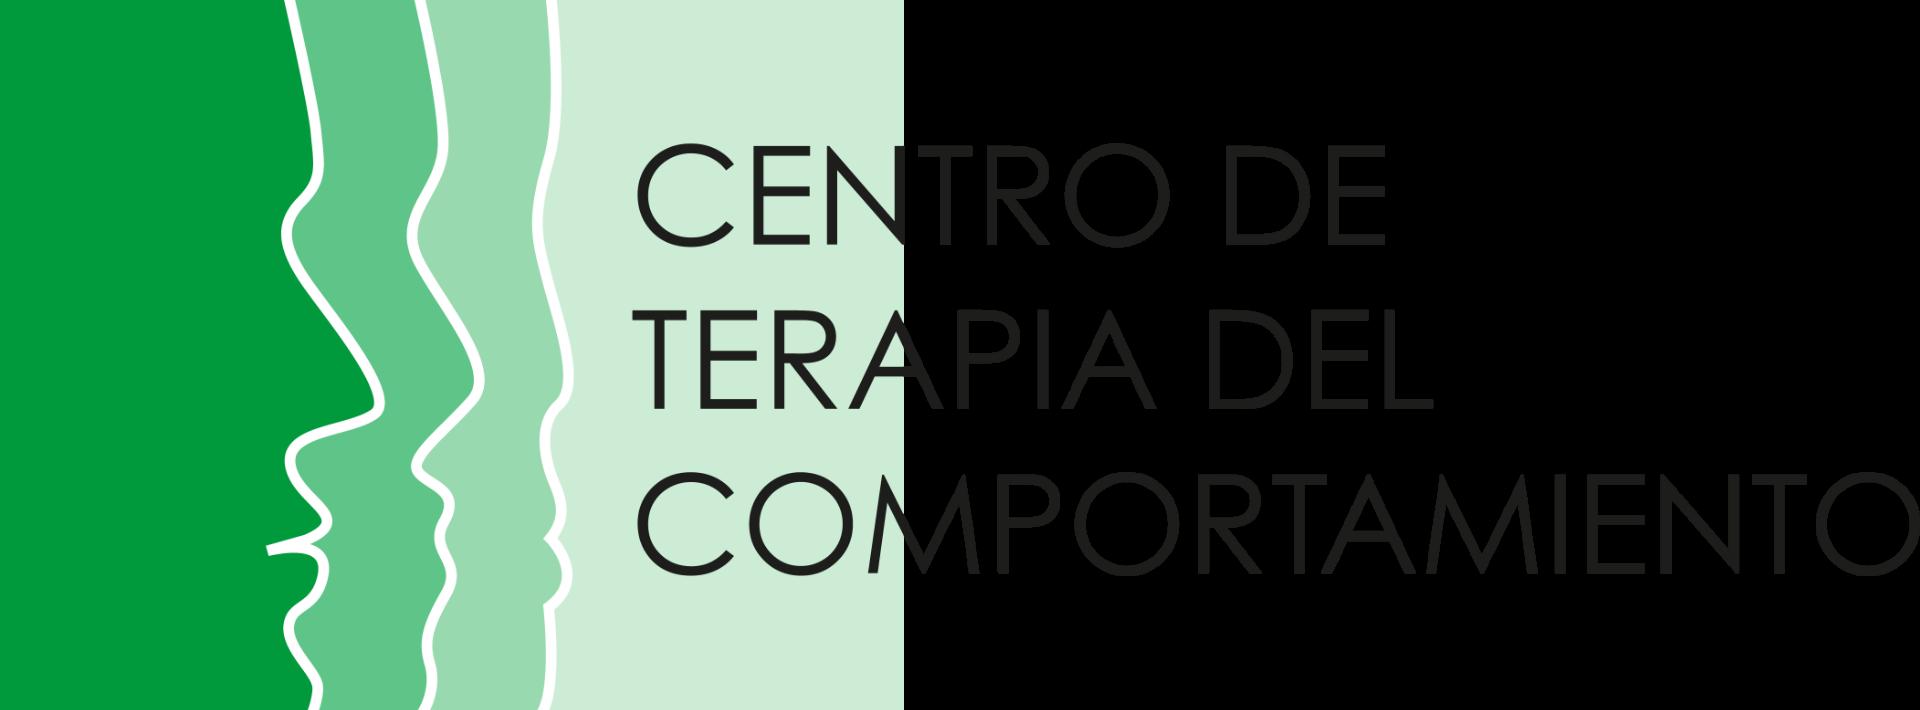 CENTRO DE TERAPIA DEL COMPORTAMIENTO